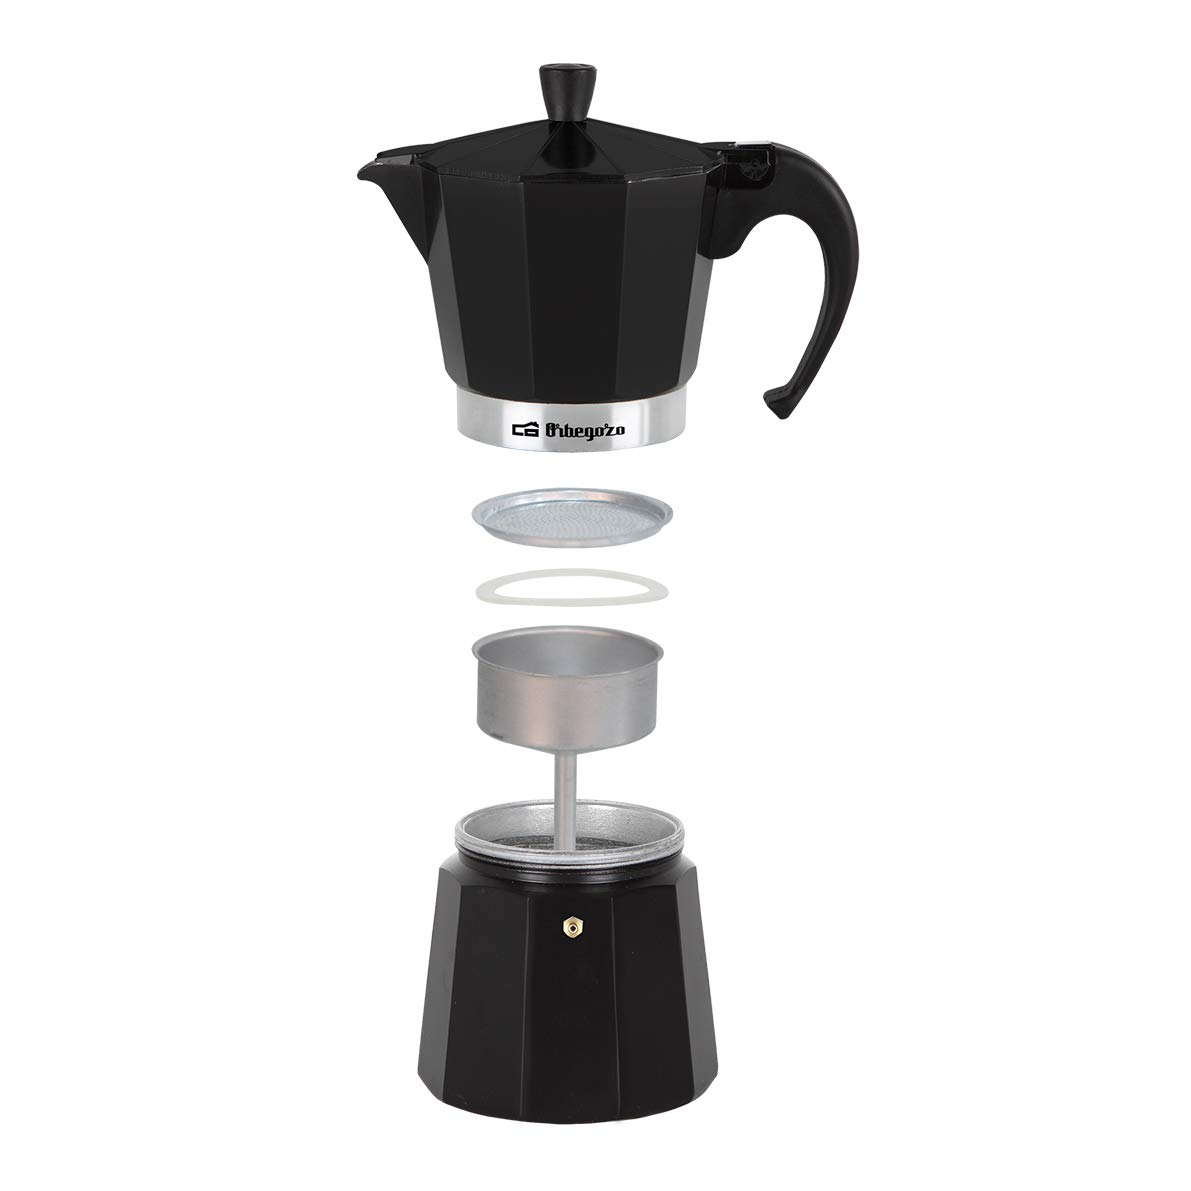 Orbegozo KFN310 KFN 310-Cafetera, 3 Tazas, Color, Aluminio, Negro: Amazon.es: Hogar